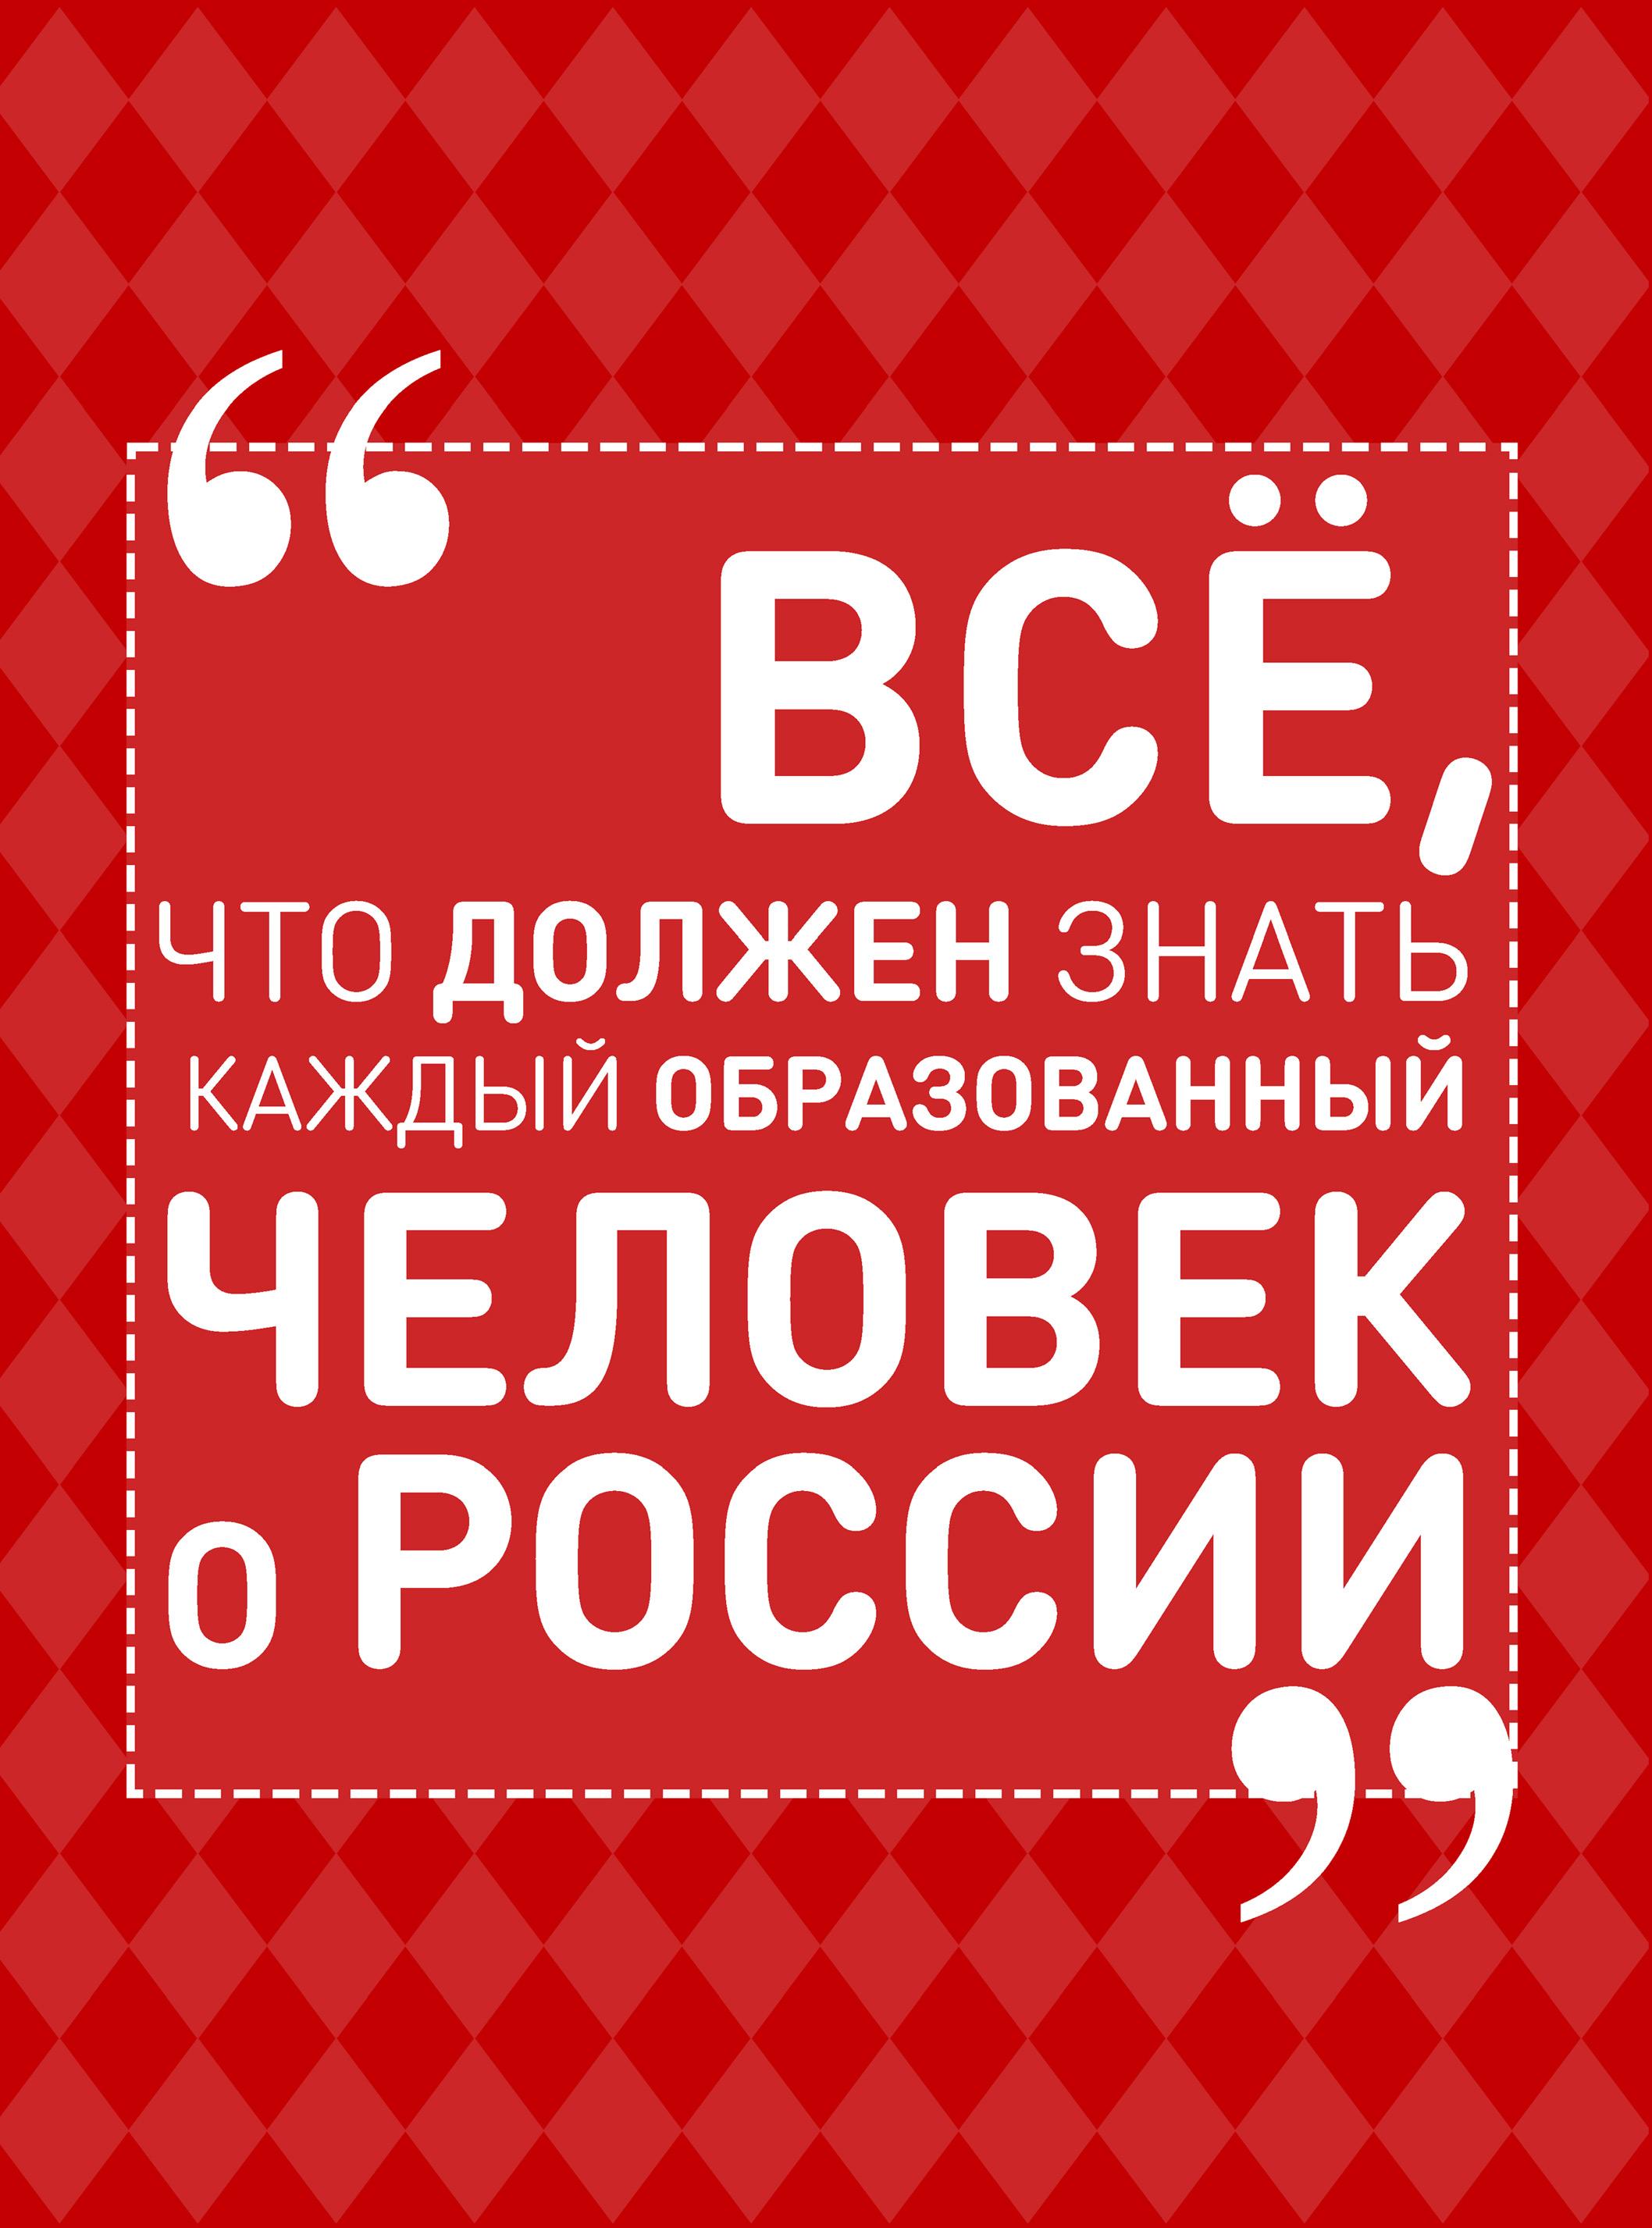 Всё, что должен знать каждый образованный человек о России